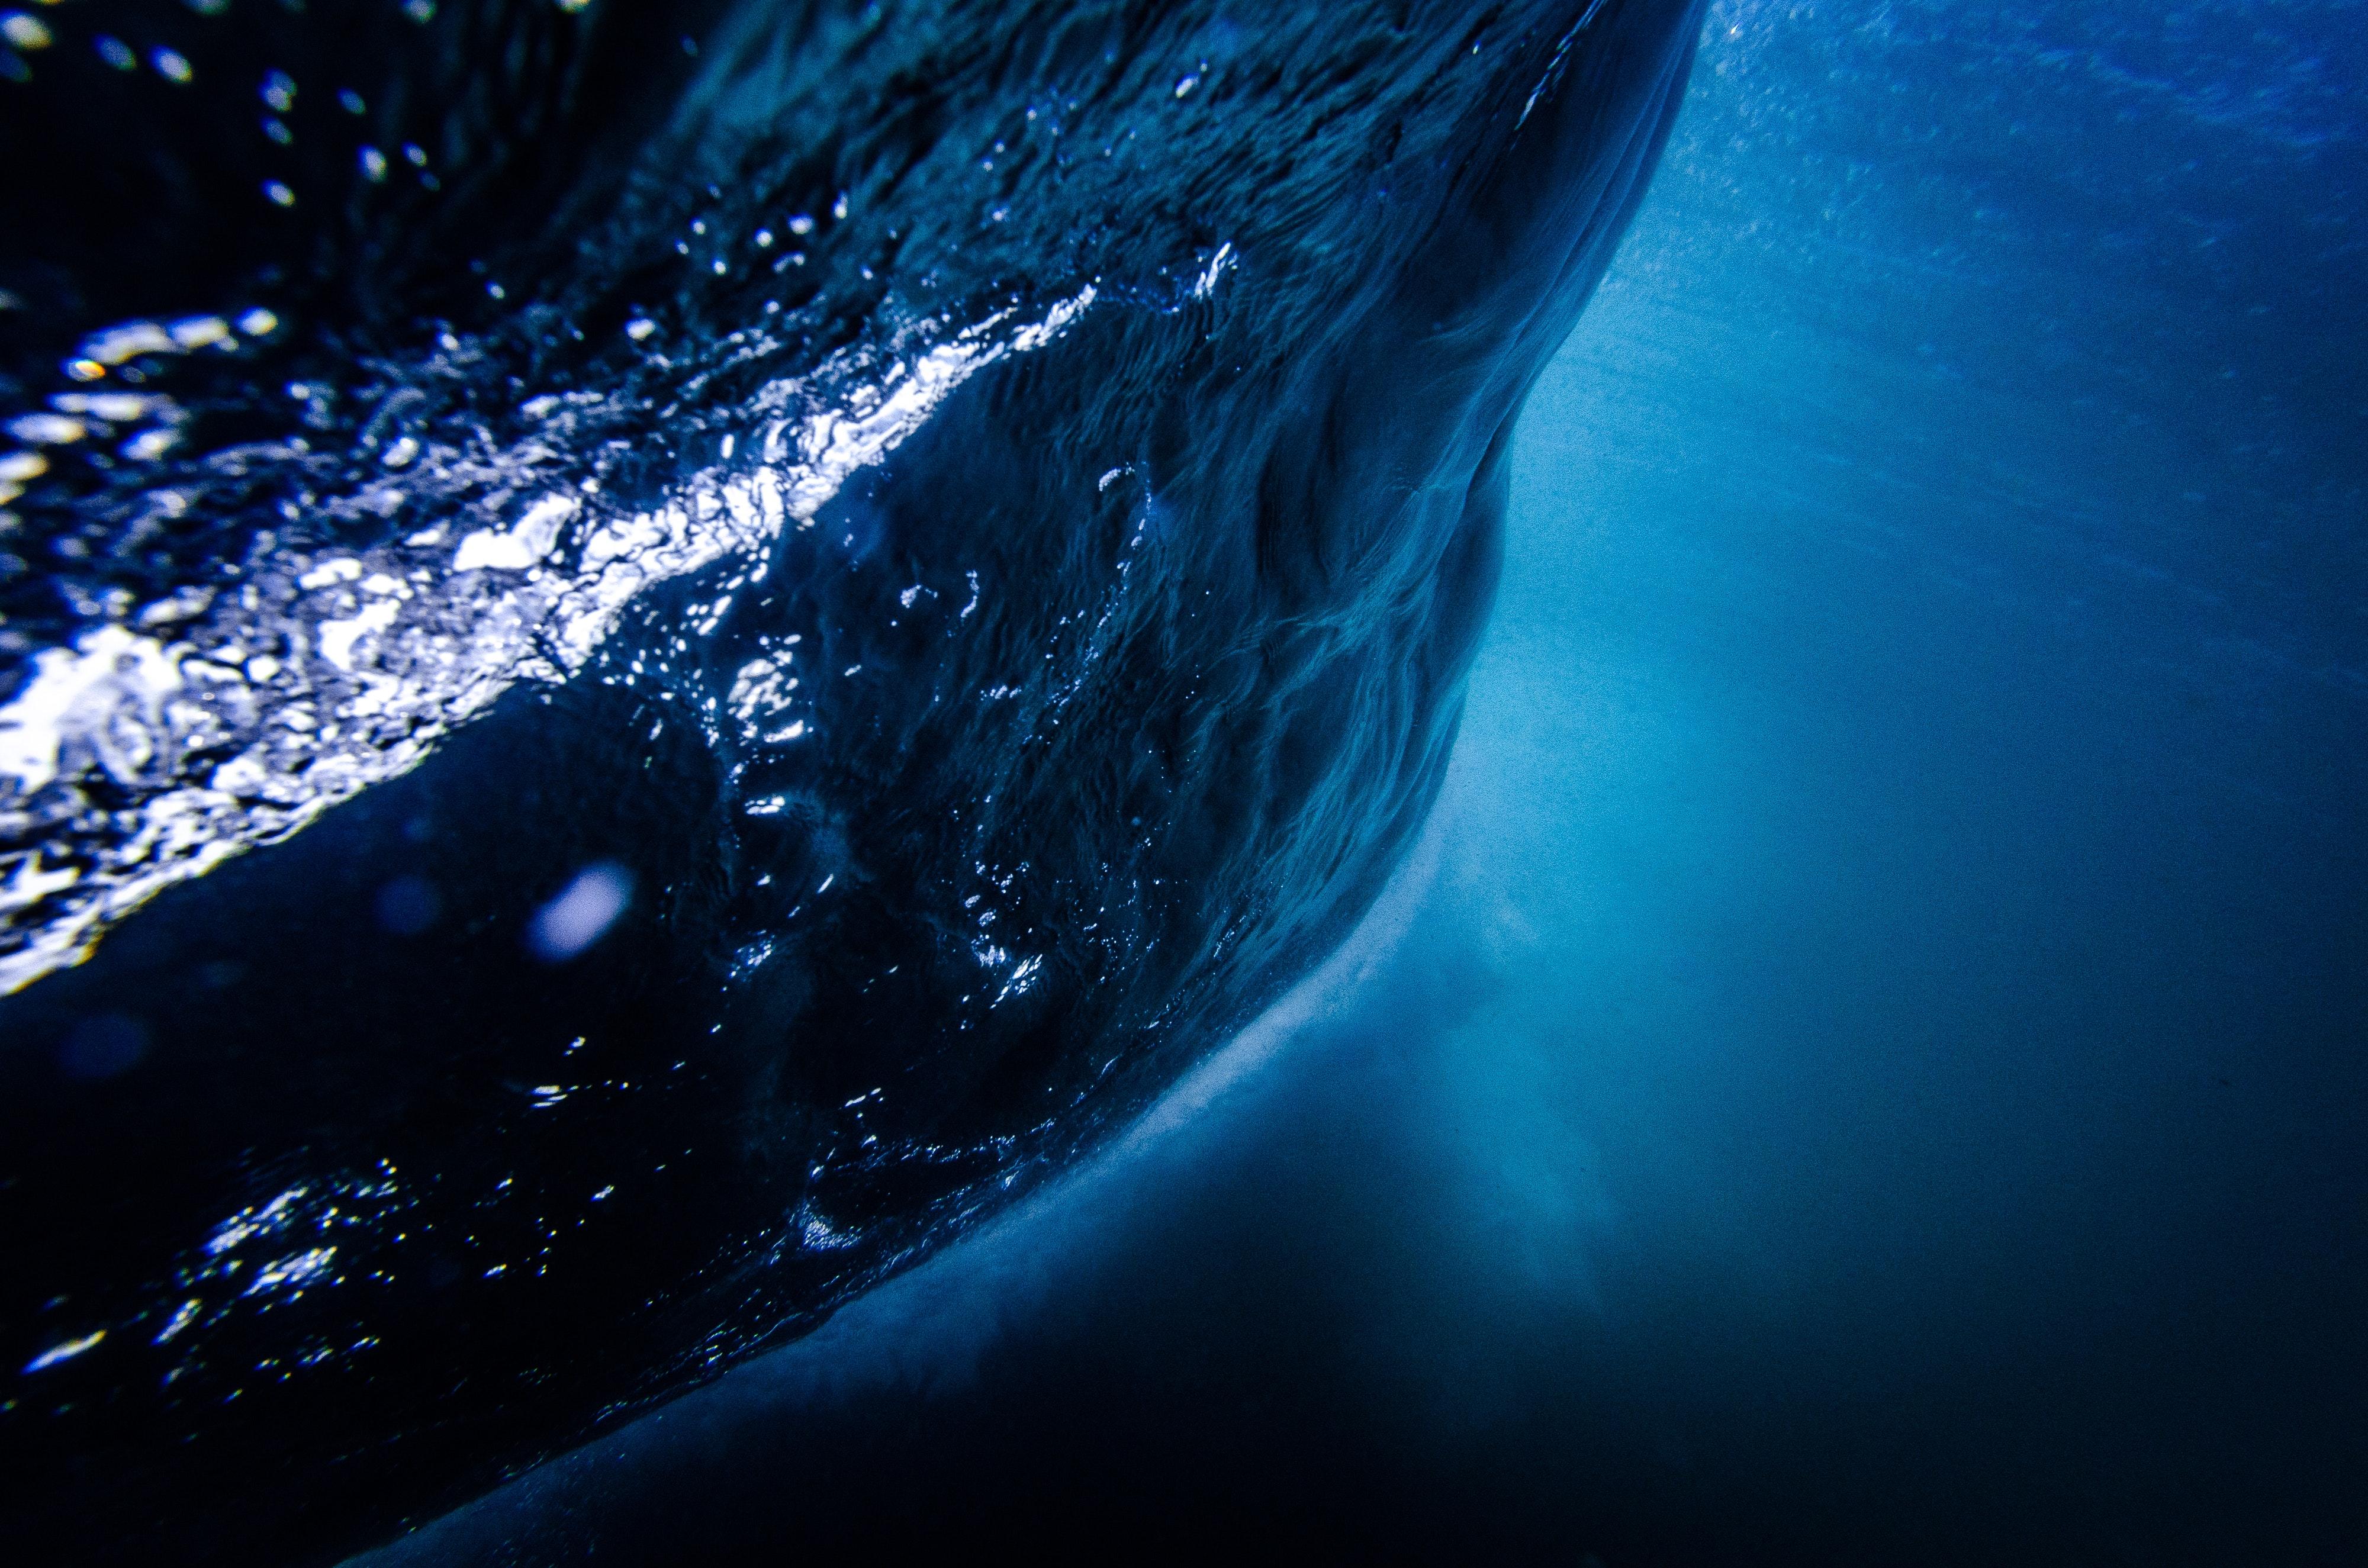 Blue Ocean Sea Underwater 4k Hd Nature 4k Wallpapers